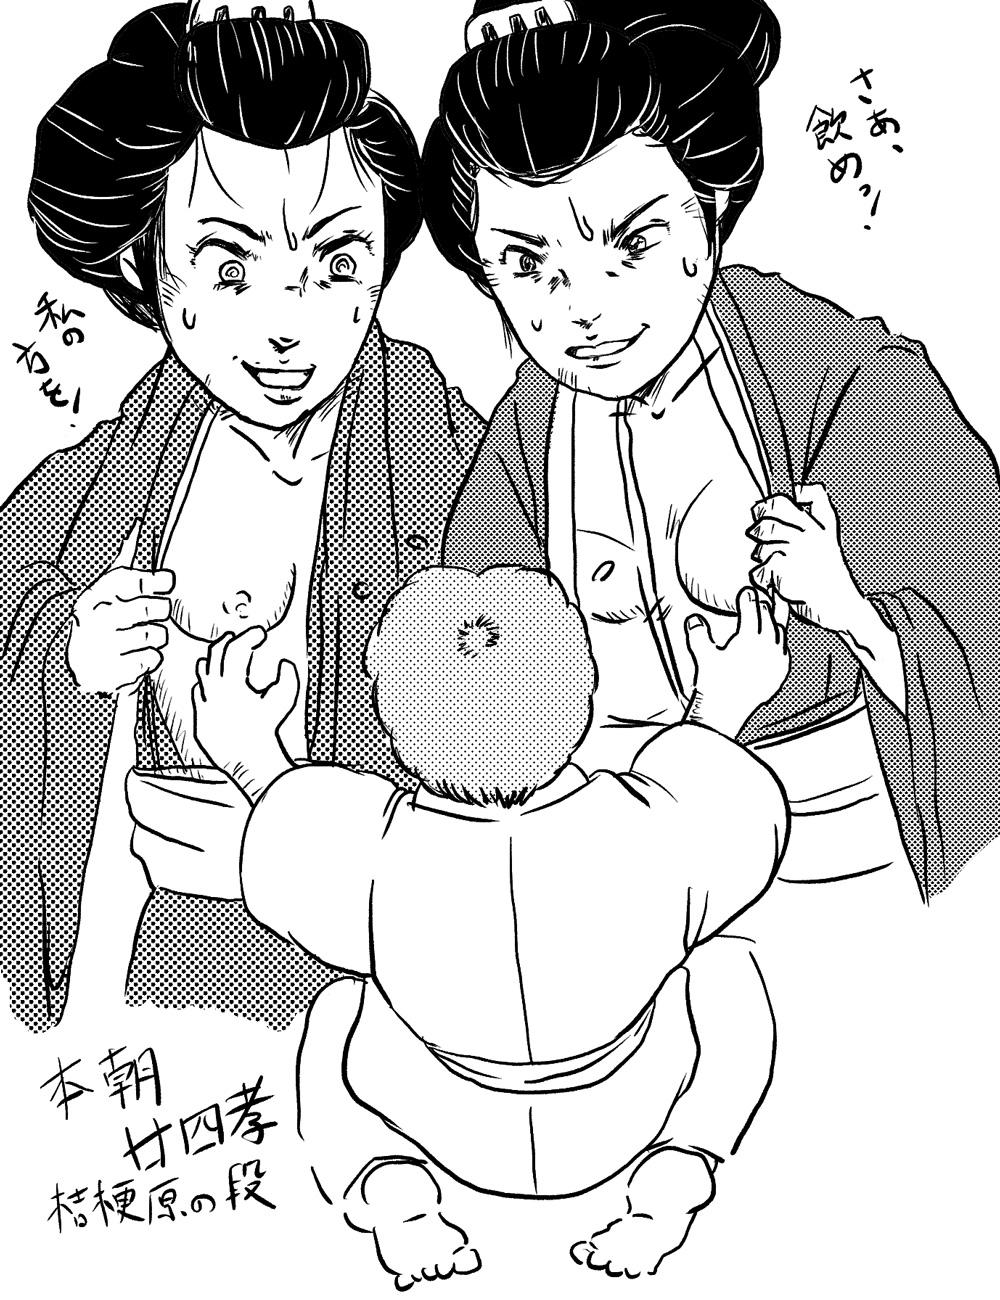 5月文楽・吉田玉助襲名披露公演を「本朝廿四孝行」を観てきた(文楽・感想)